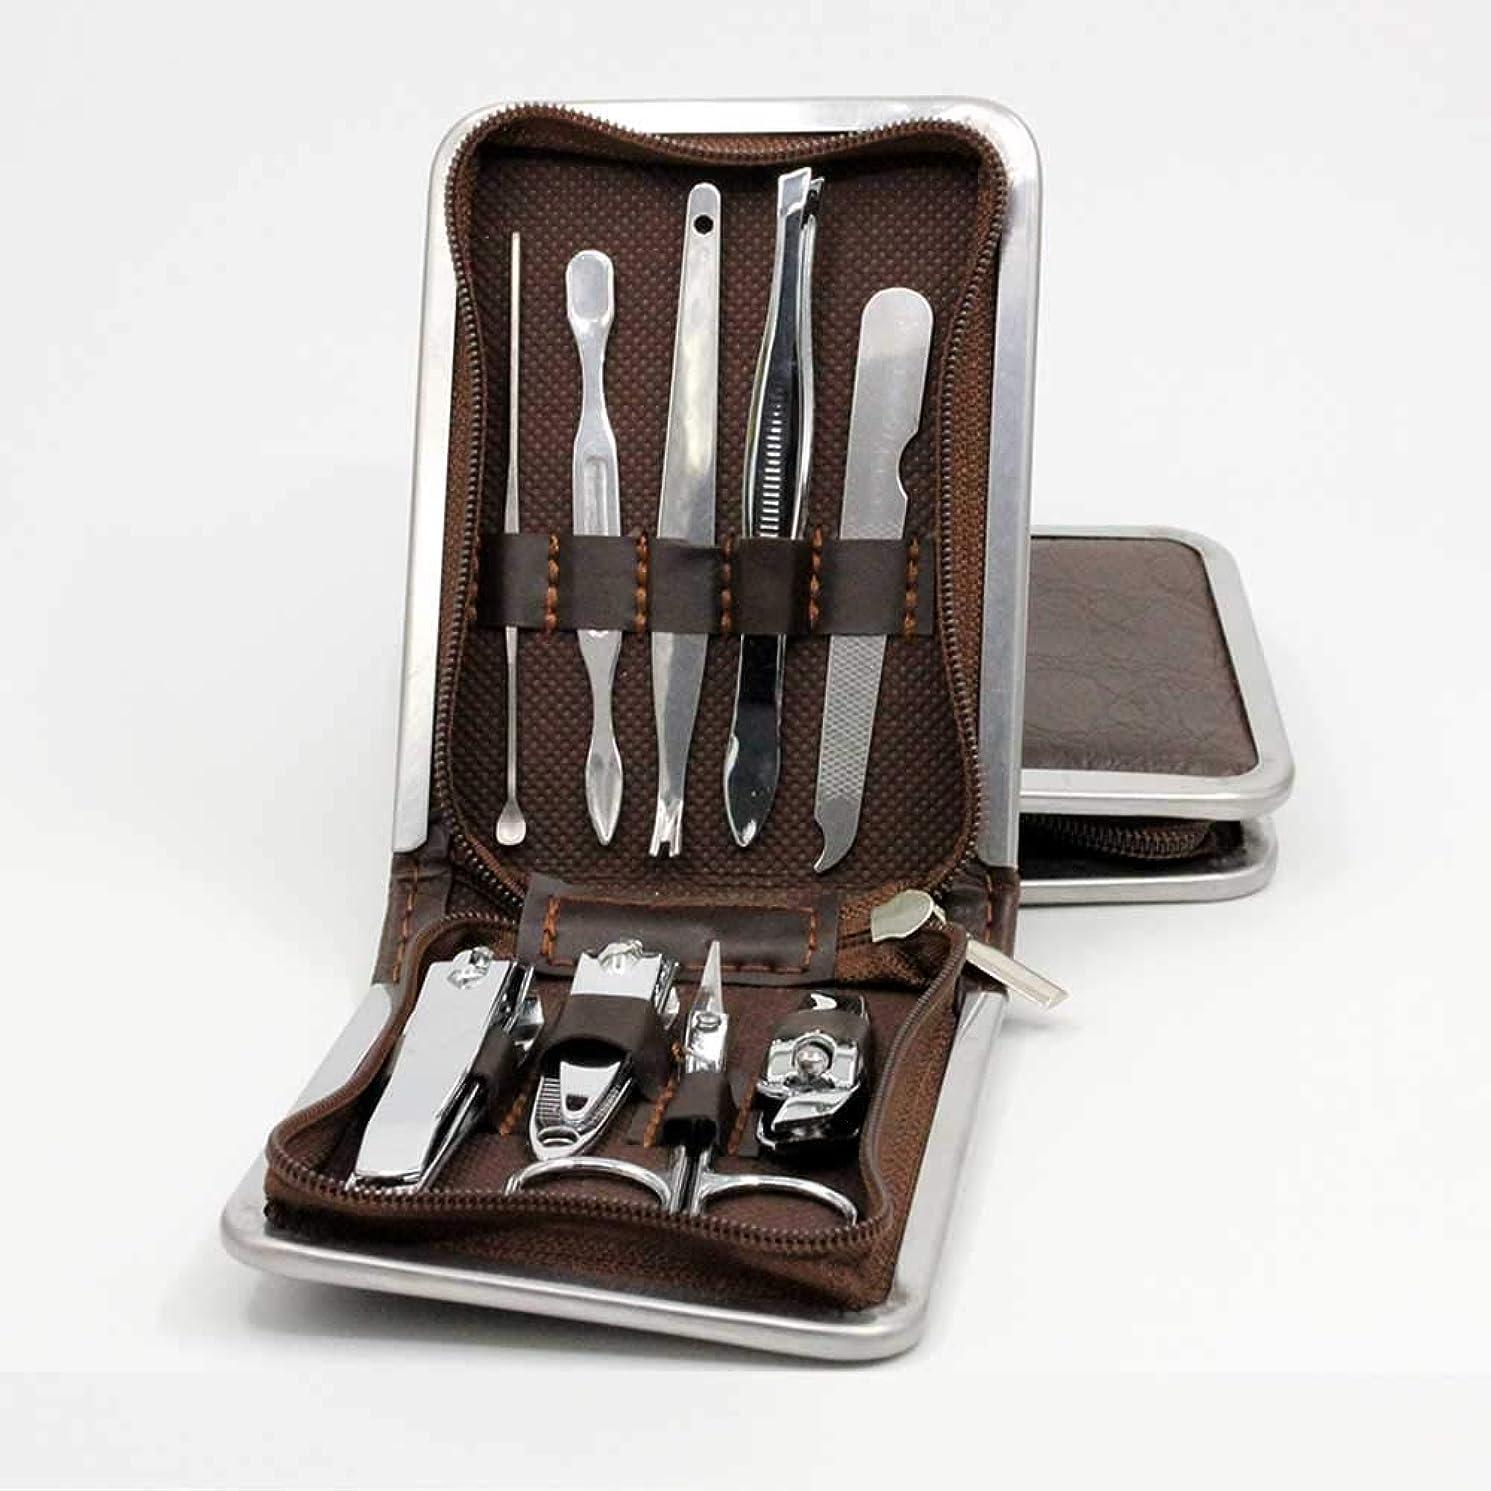 無し木食堂ネイルケア 9点セット 爪切り 爪磨き 毛抜き ハサミ 耳かき ステンレス製 携帯便利 収納ケース付き?